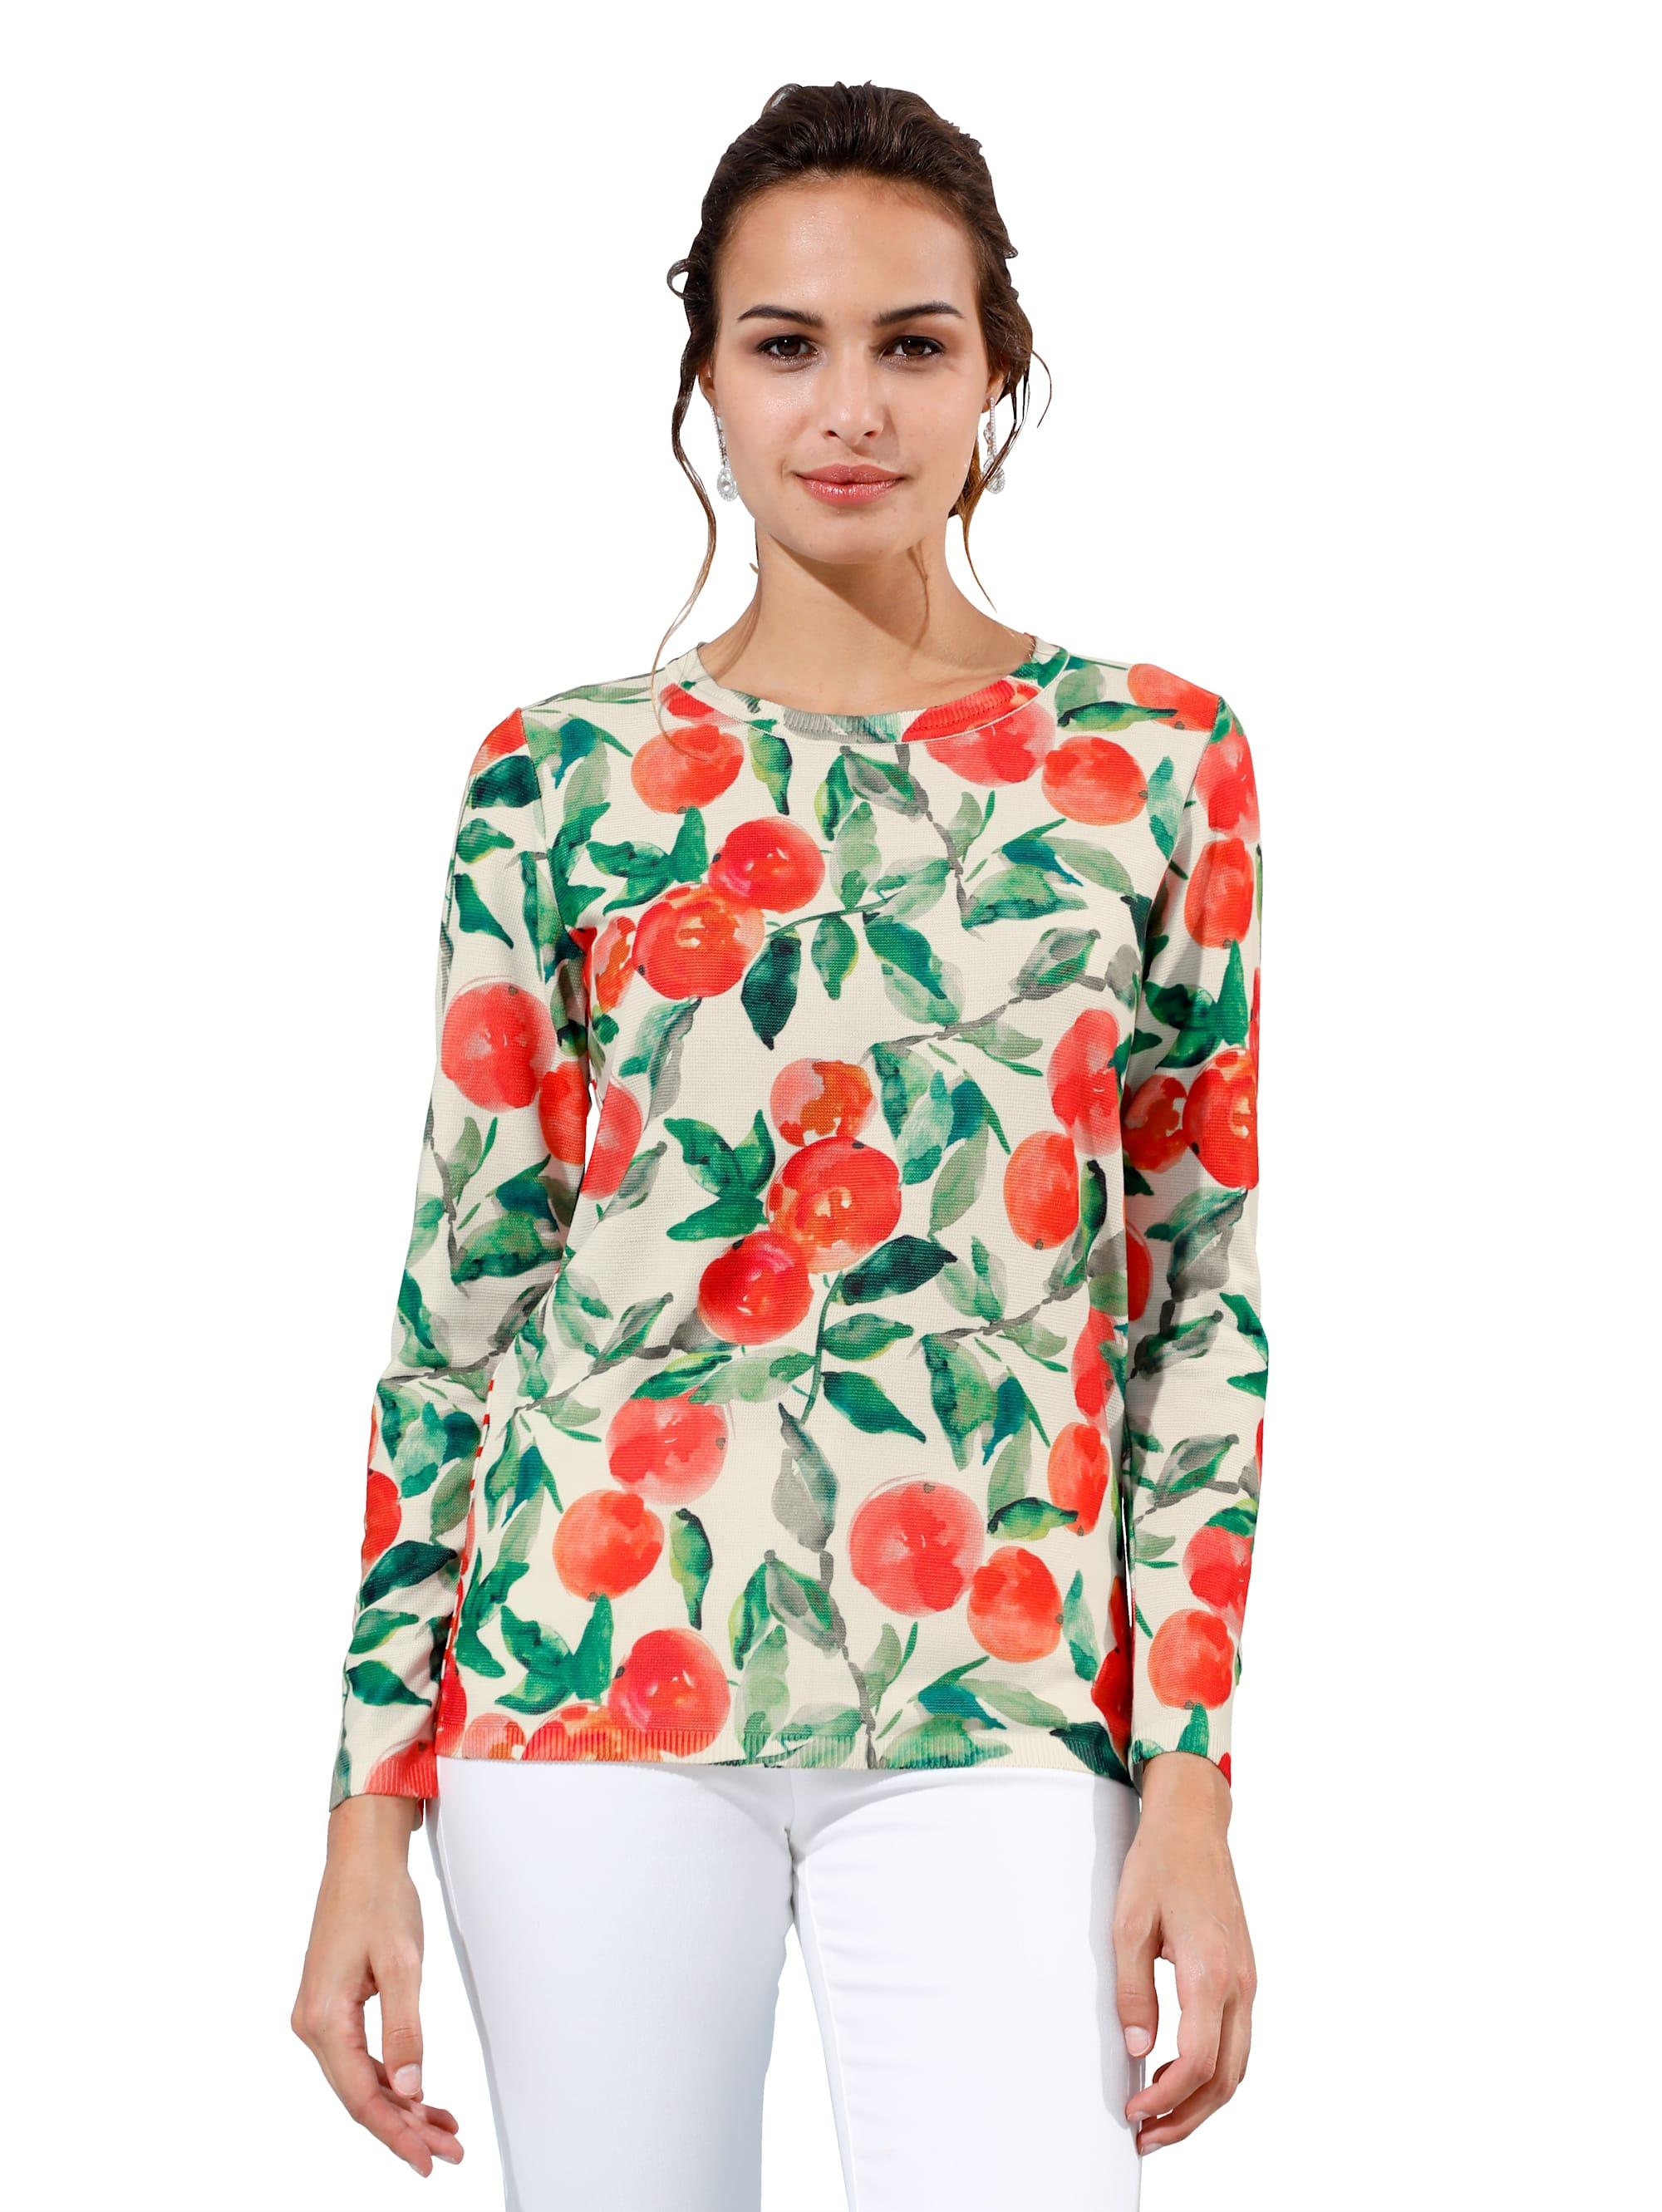 AMY VERMONT Pullover mit Orangen- und Streifendruck ZYYVr bic0B